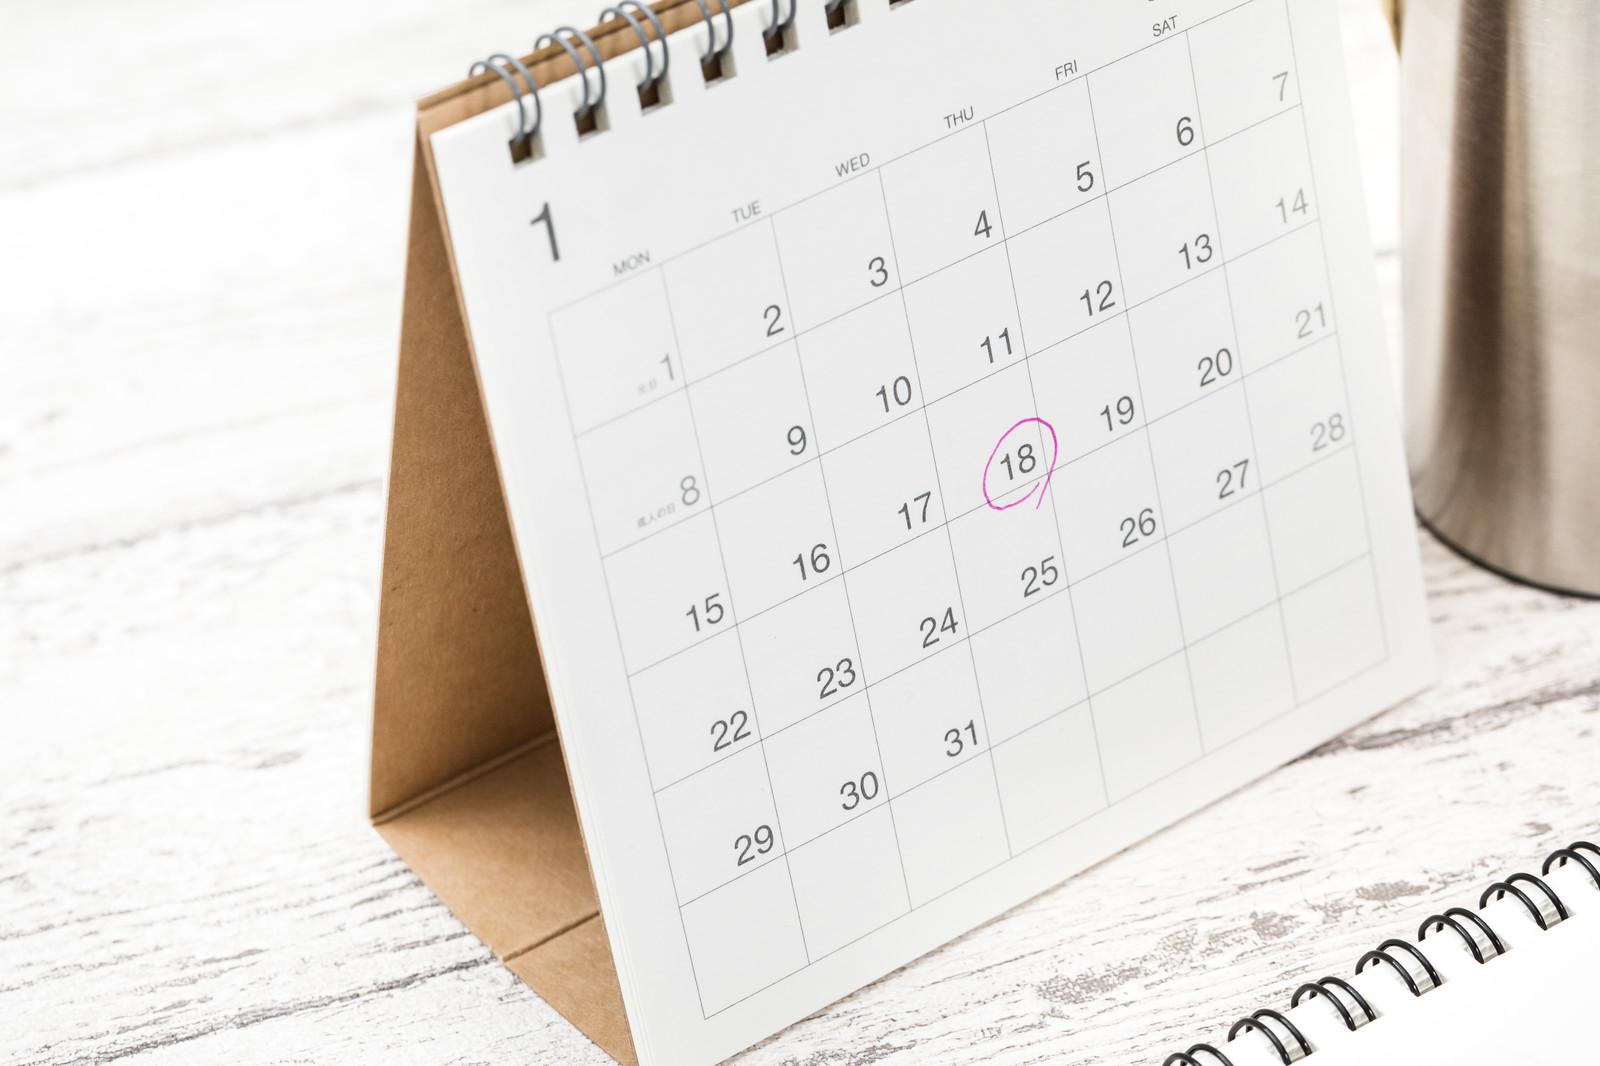 Plezを利用して1ヶ月を表すカレンダー